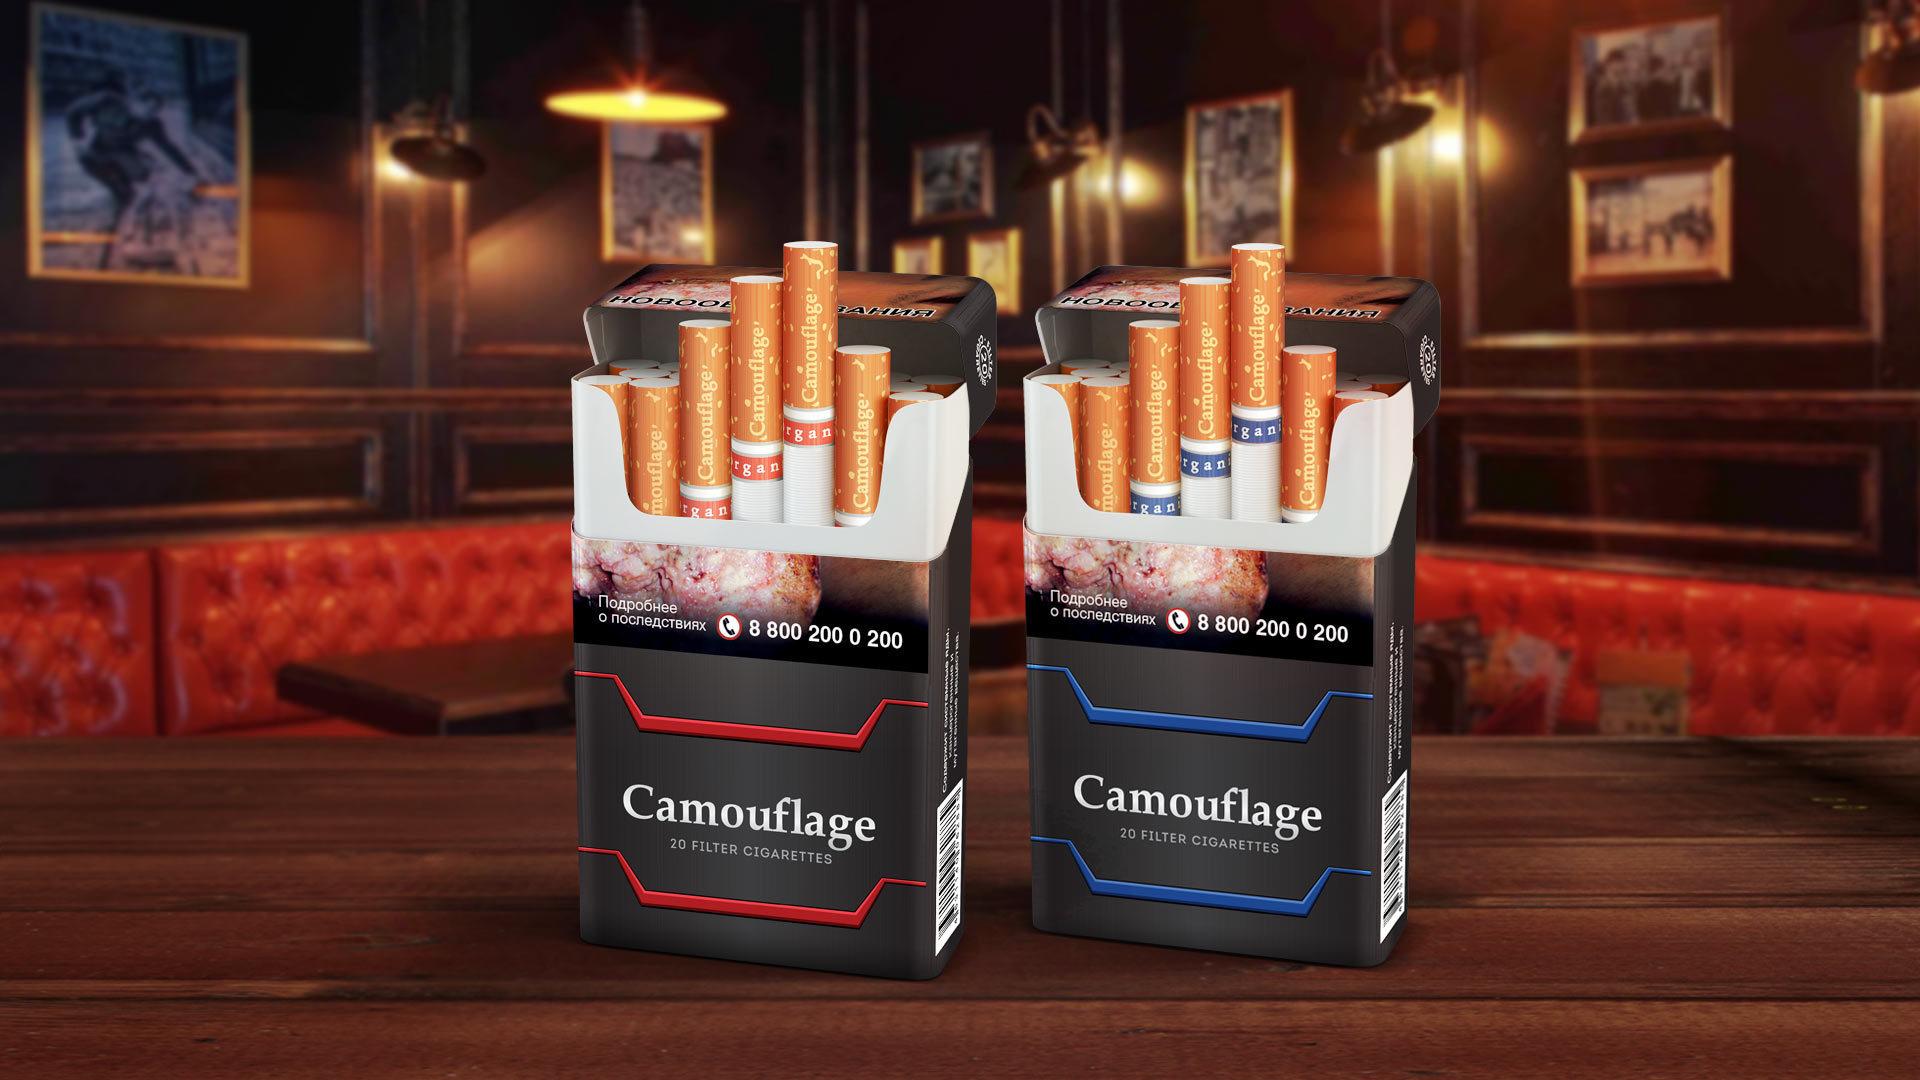 Сигареты камуфляж купить электронные сигареты с солевым никотином купить в спб